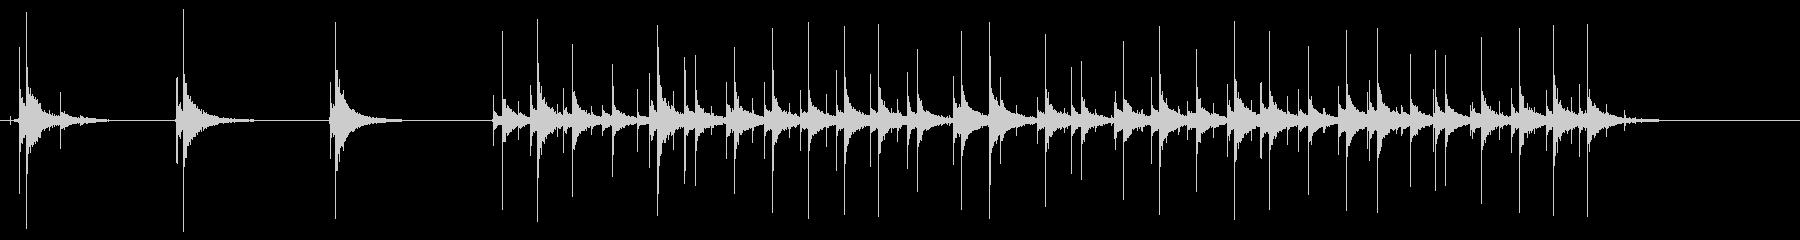 スカッシュシングルショットの未再生の波形